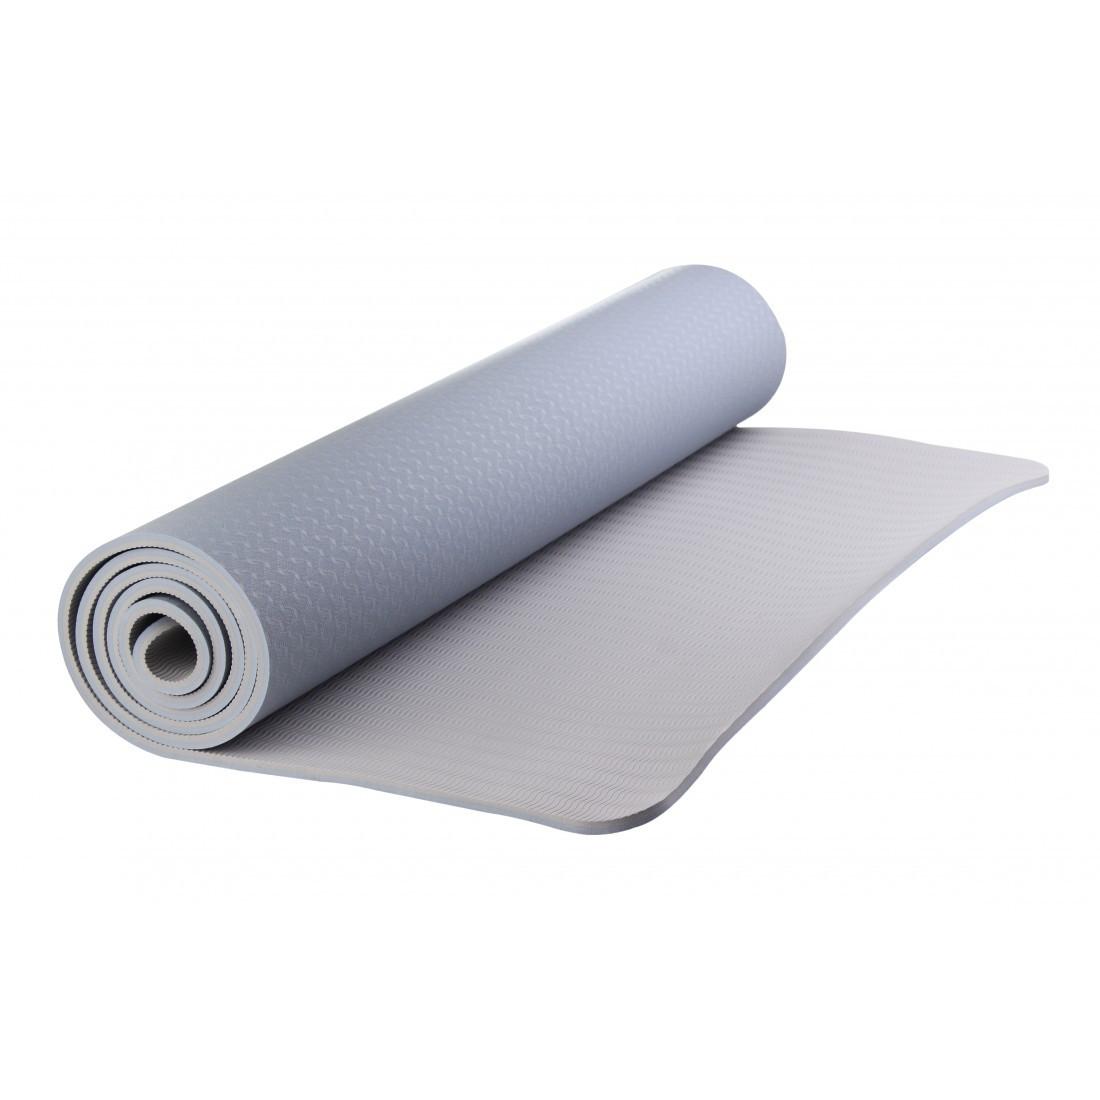 Коврик для йоги, пилатеса, фитнеса LiveUp 185x80x0,7см TPE MAT в чехле (YJ3237-07b)